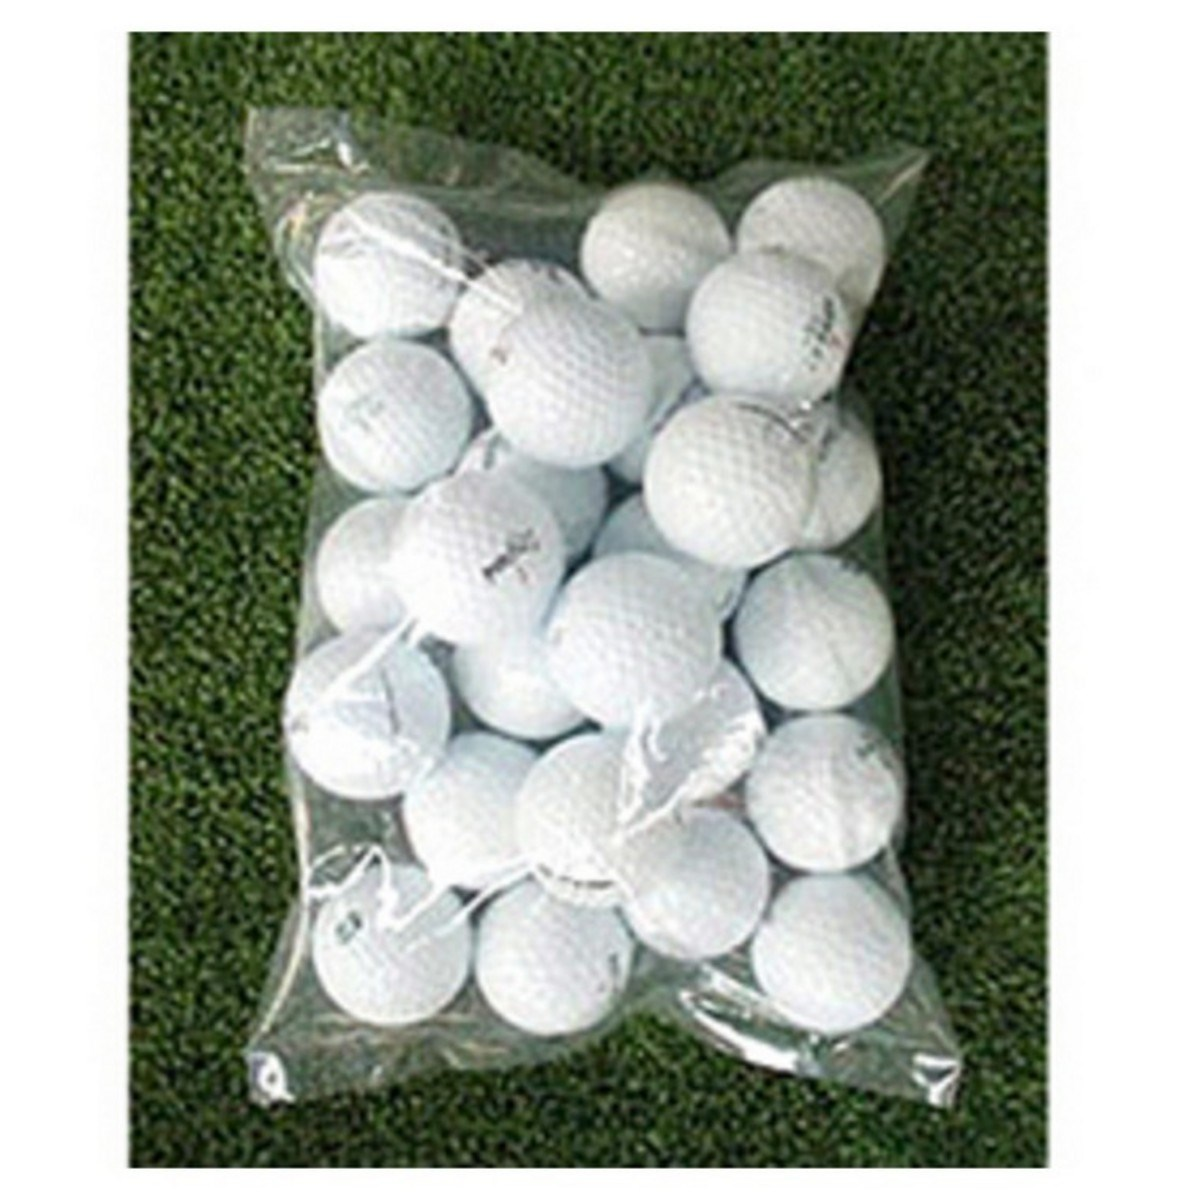 ロストボール メイホウゴルフ ロストボール大袋25個入り4袋100個セット